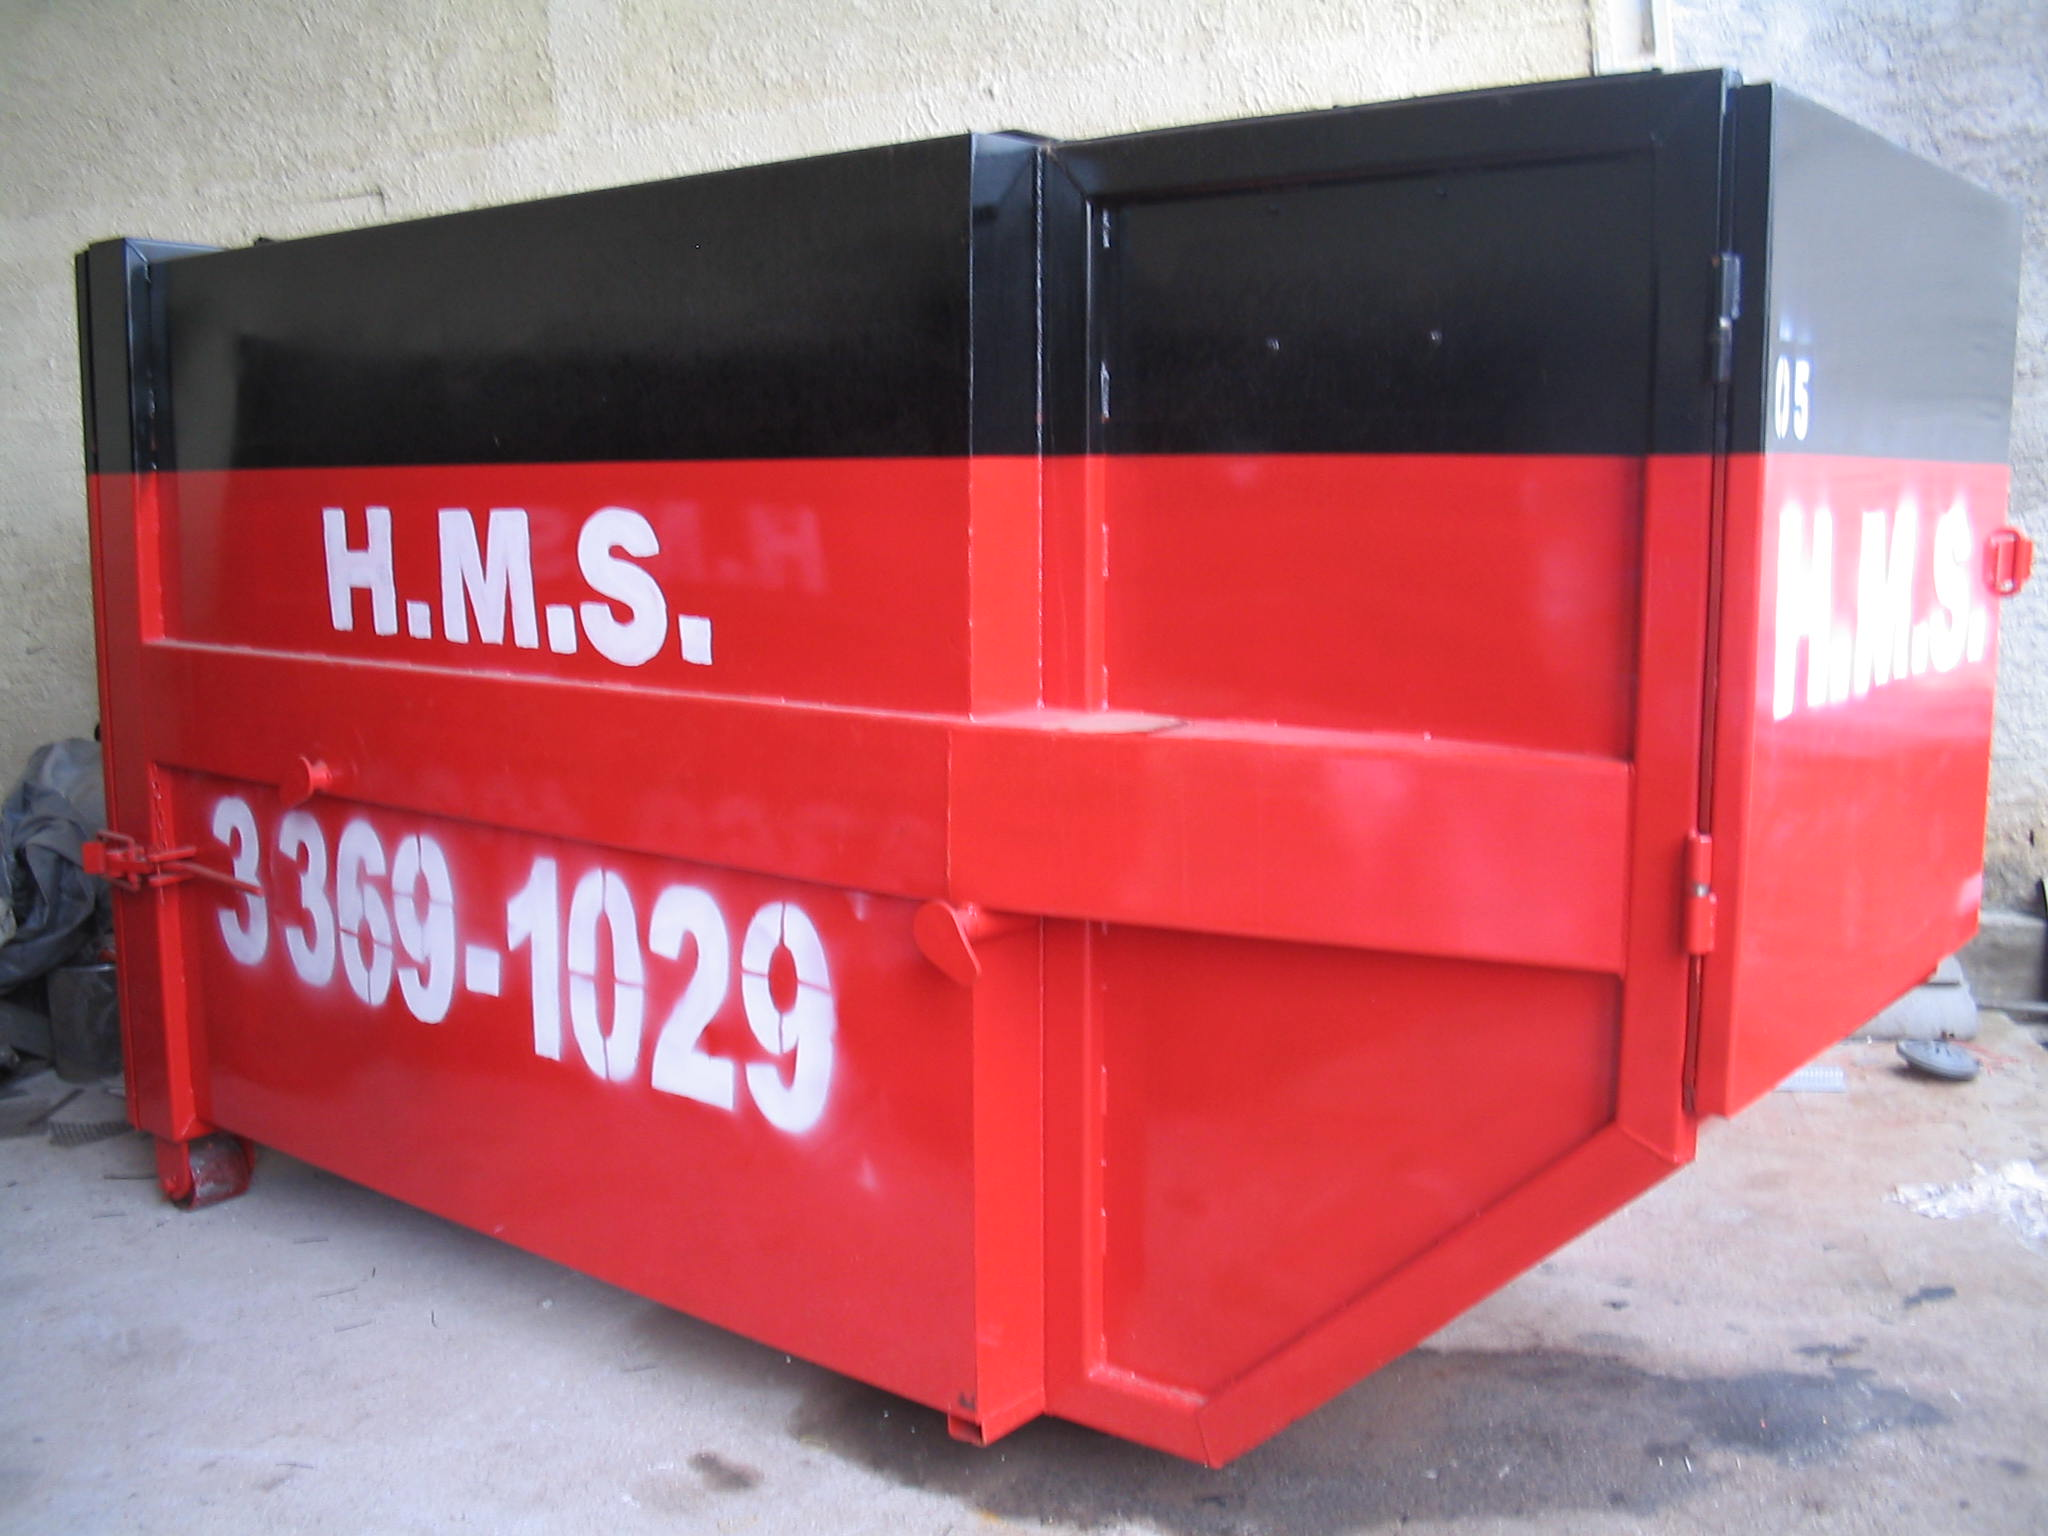 H.M.S Locação de caçambas 005